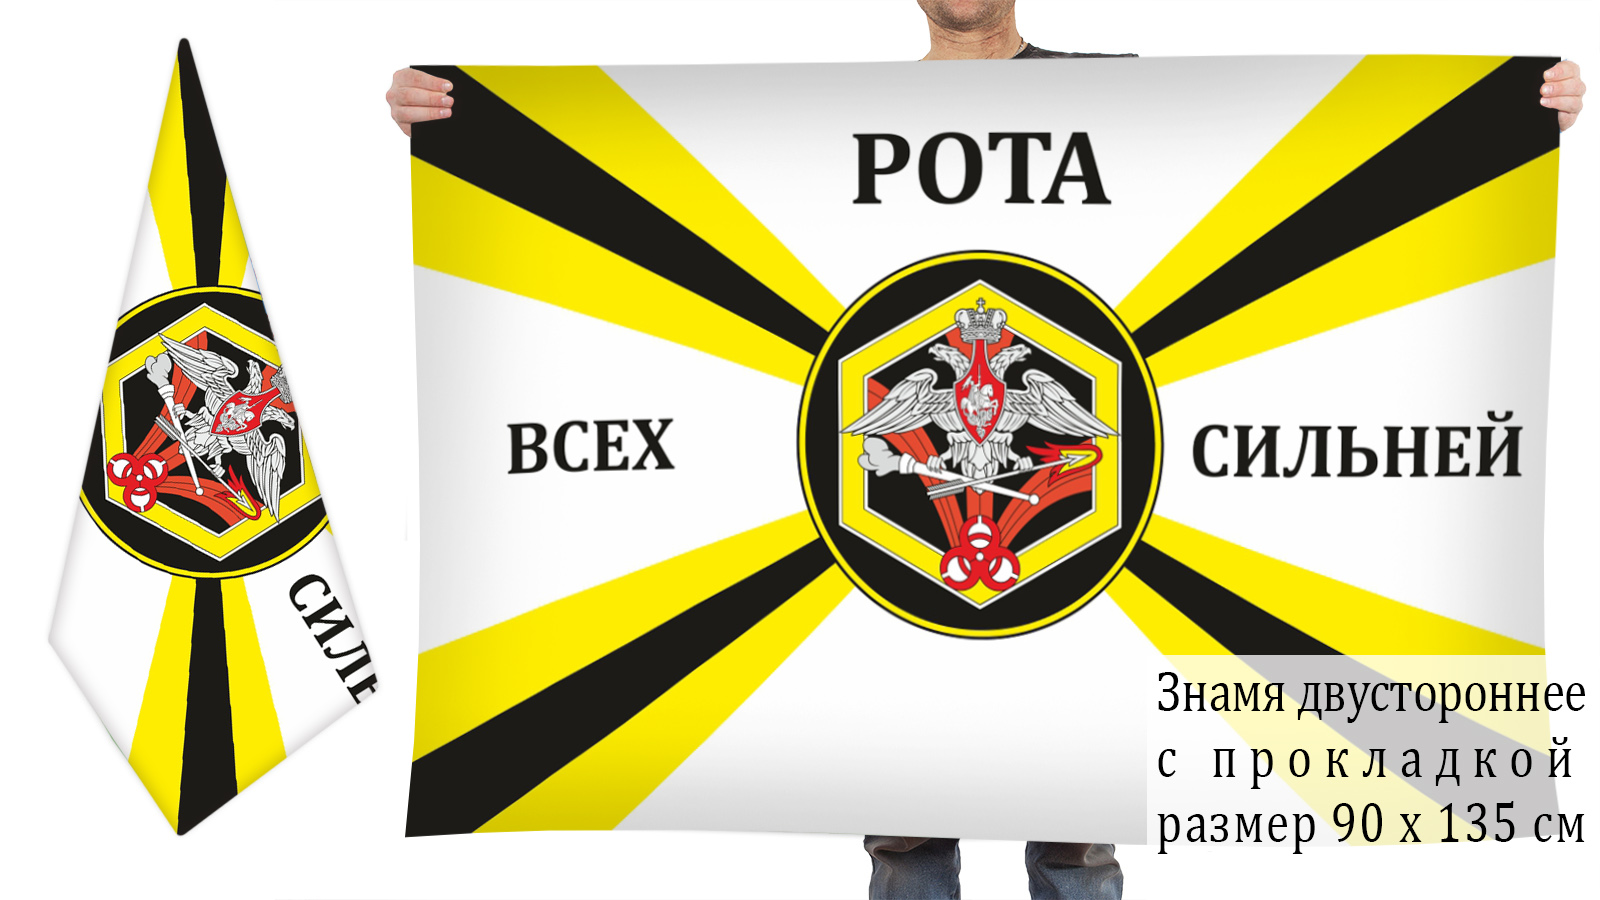 Заказать флаг Войск РХБ защиты Российской Федерации – всех сильней